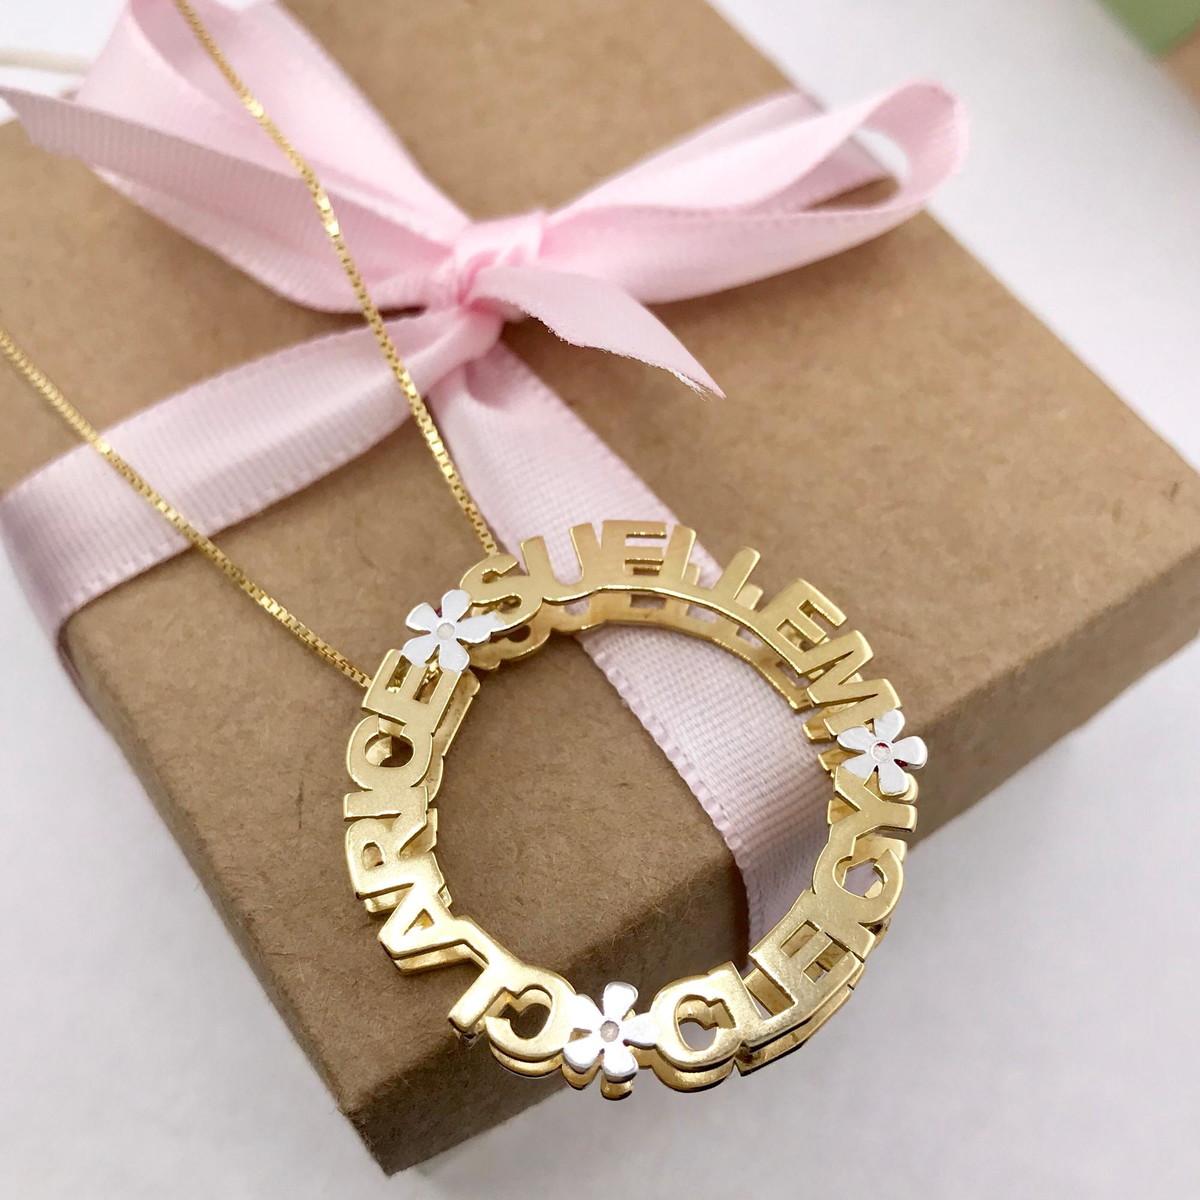 bd1c4176587d2 Colar em Prata Mandala em Prata 925 Banho de ouro 18k no Elo7 ...